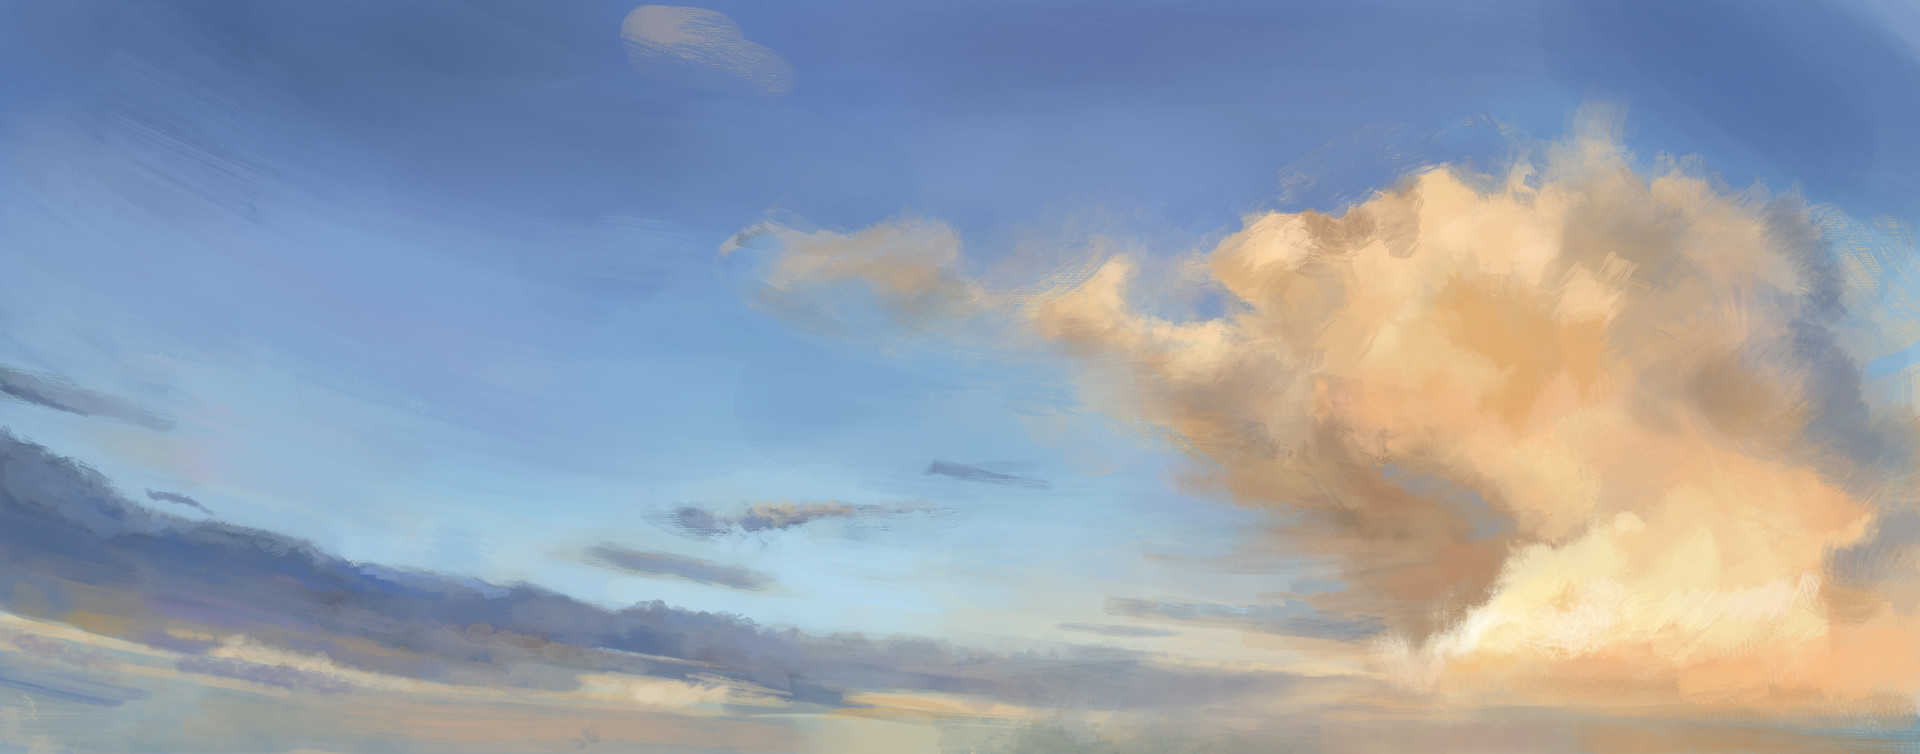 Maciej laszkiewicz clouds